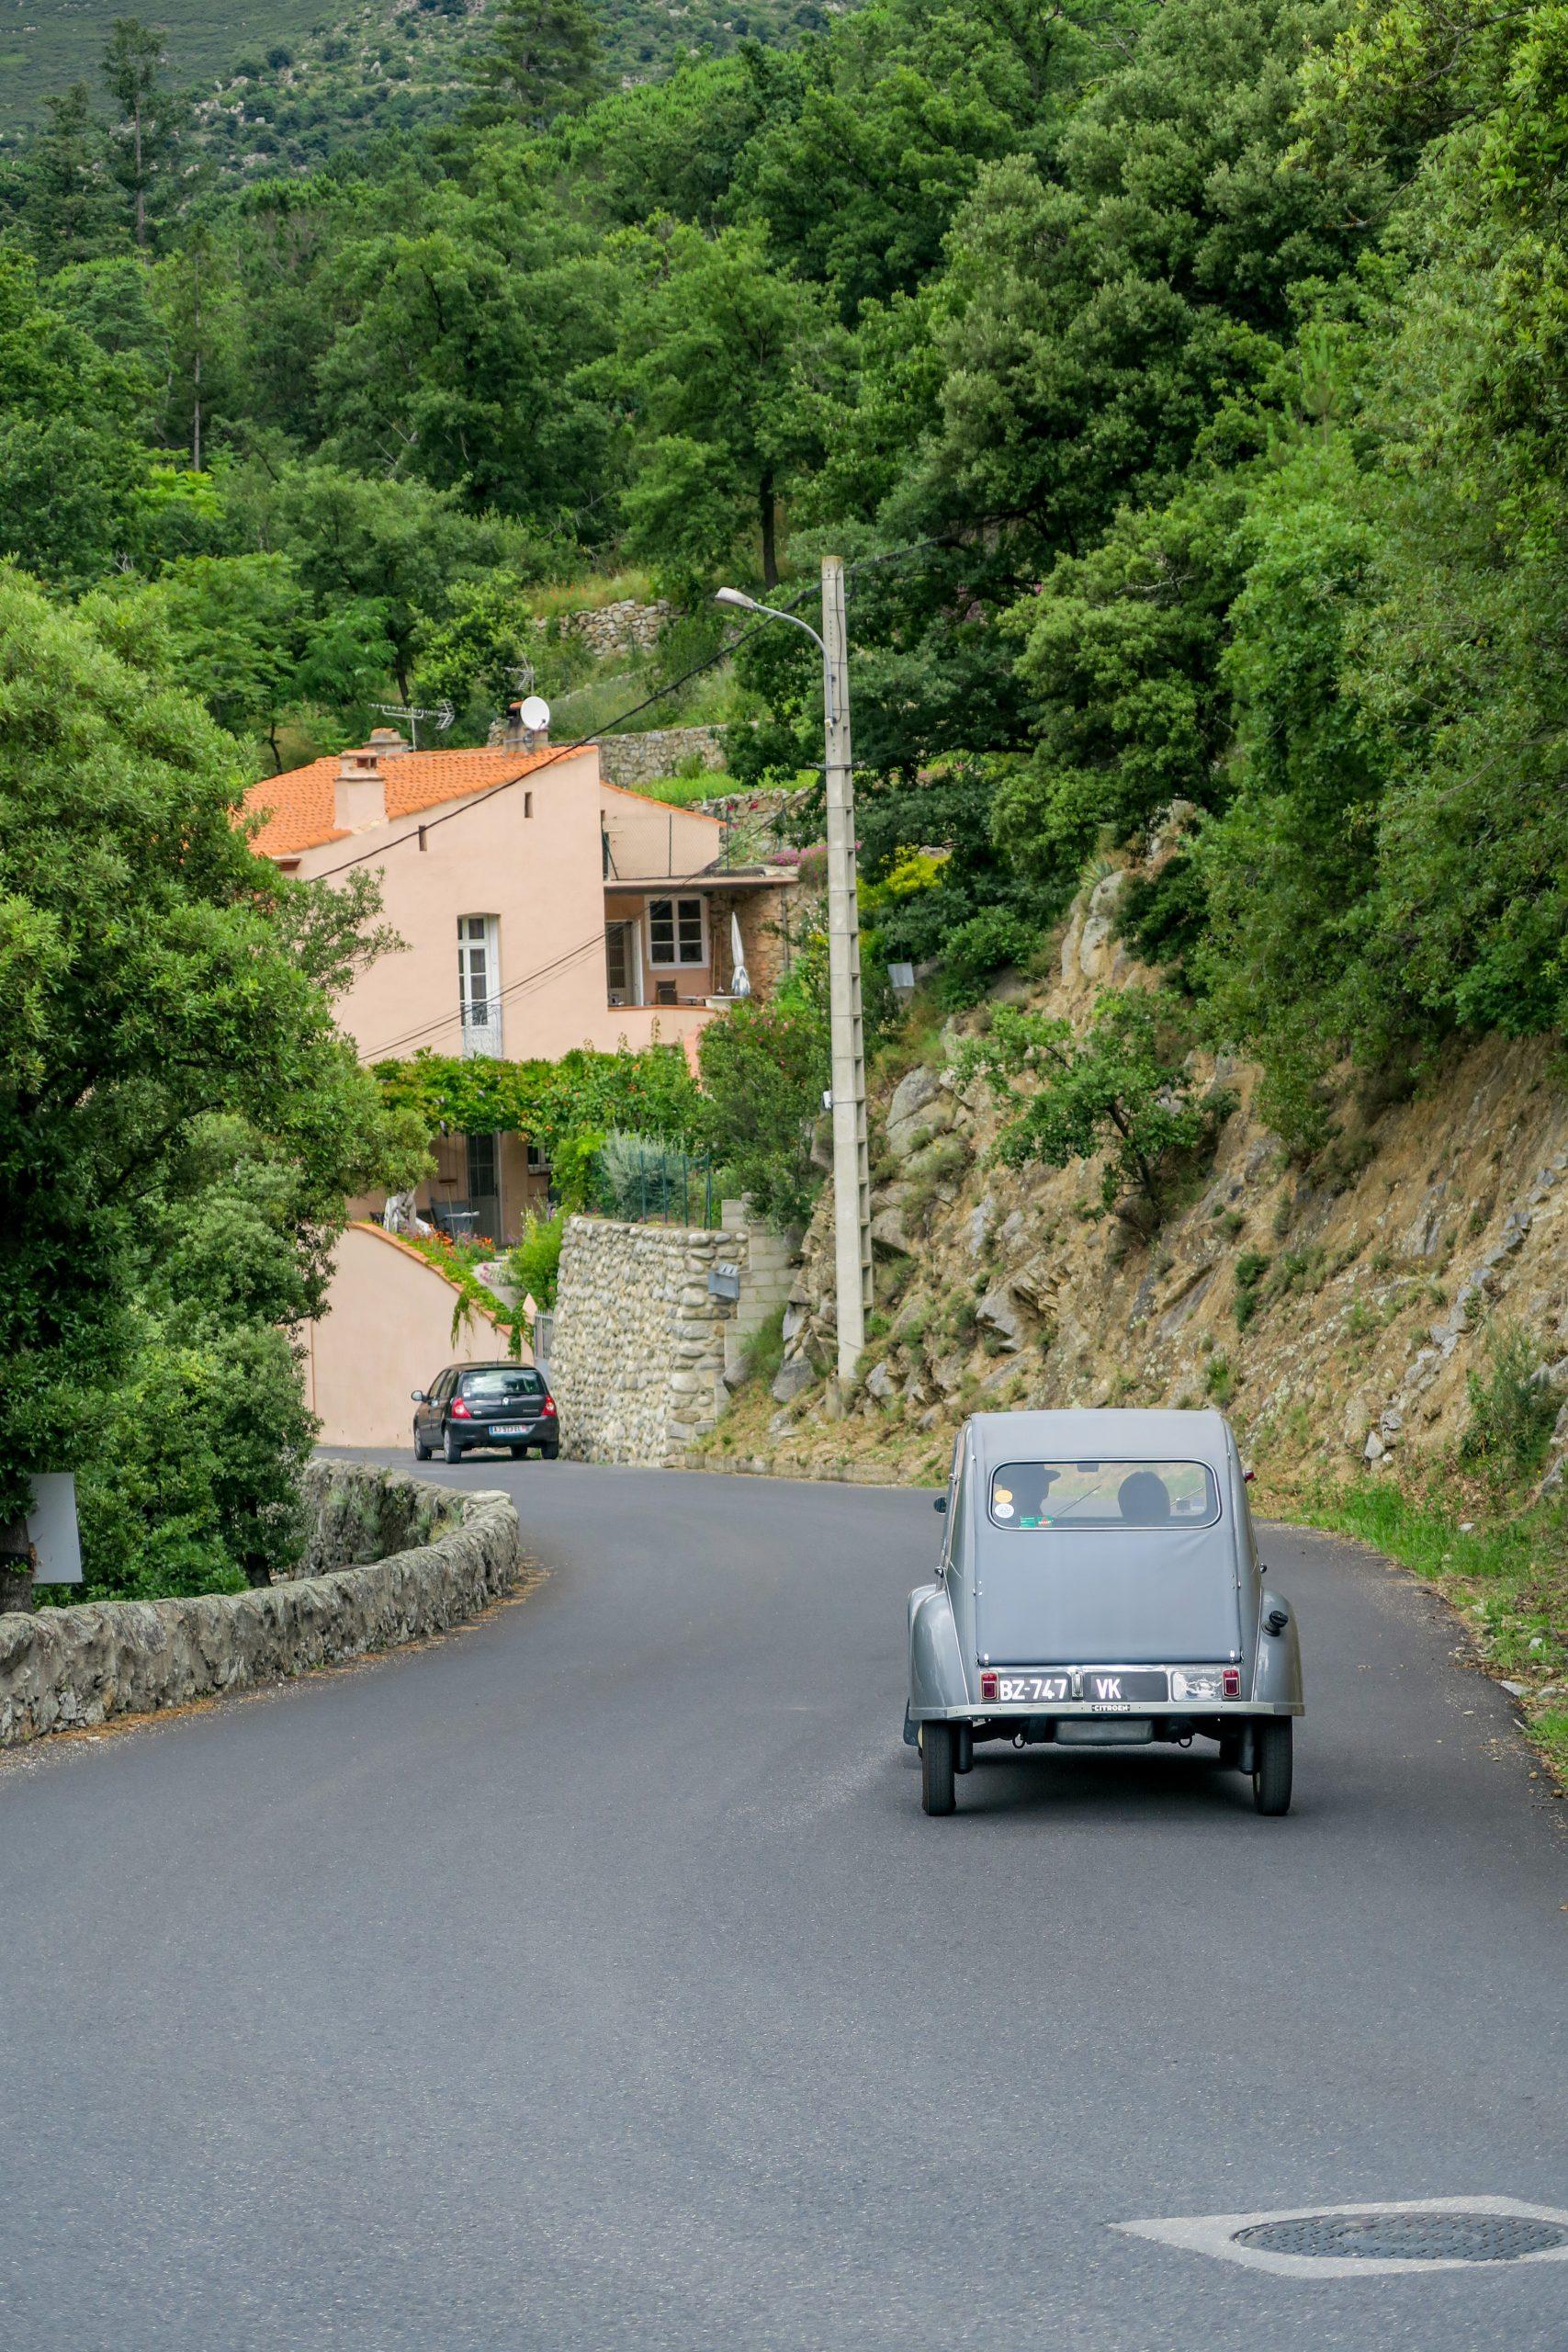 en direction de molitg village